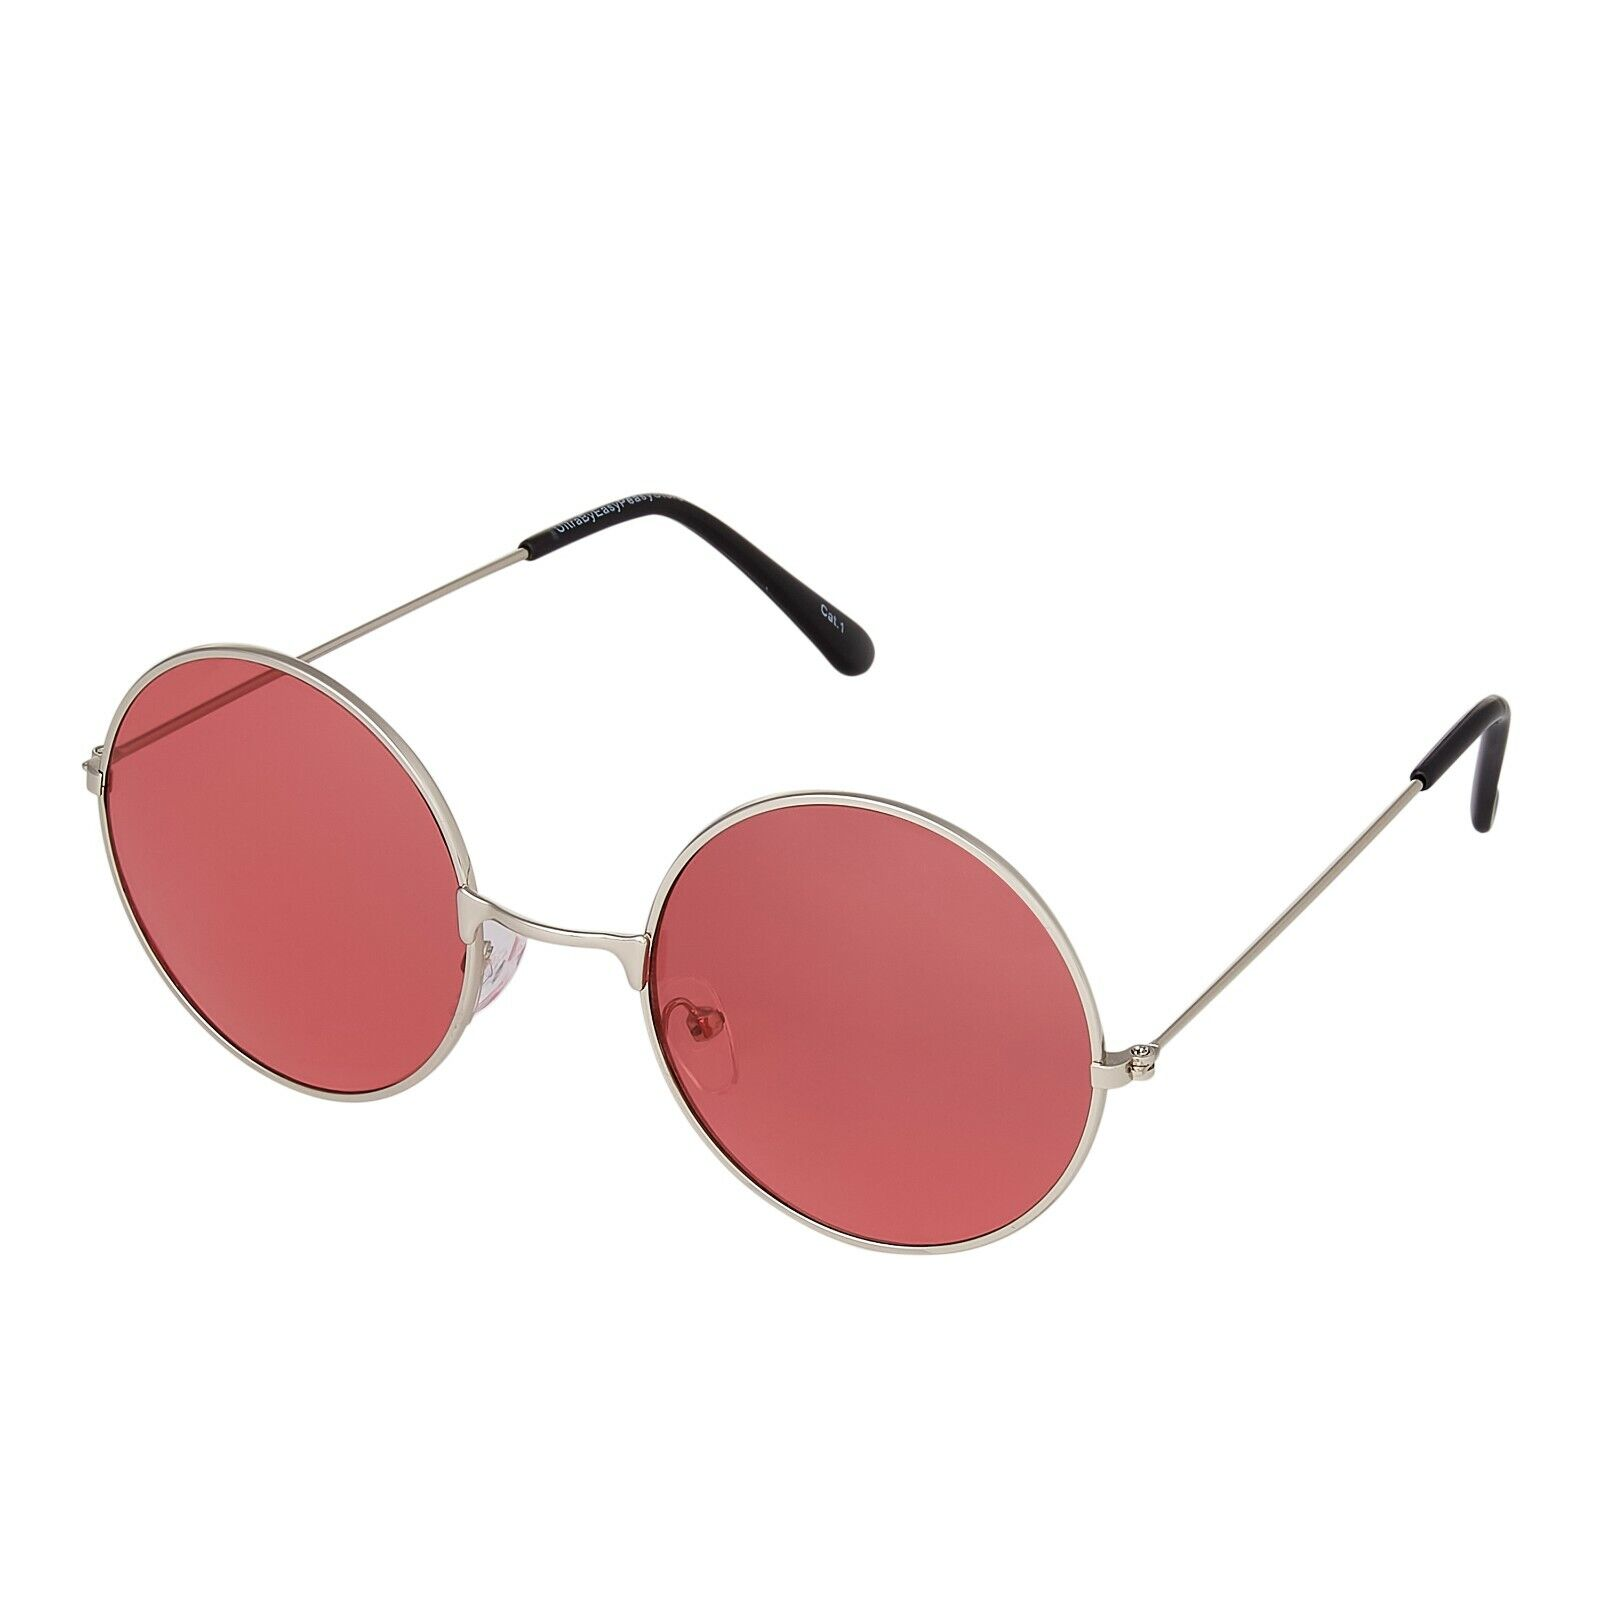 Runde Sonnenbrille mit roten Gläsern | ROMWE